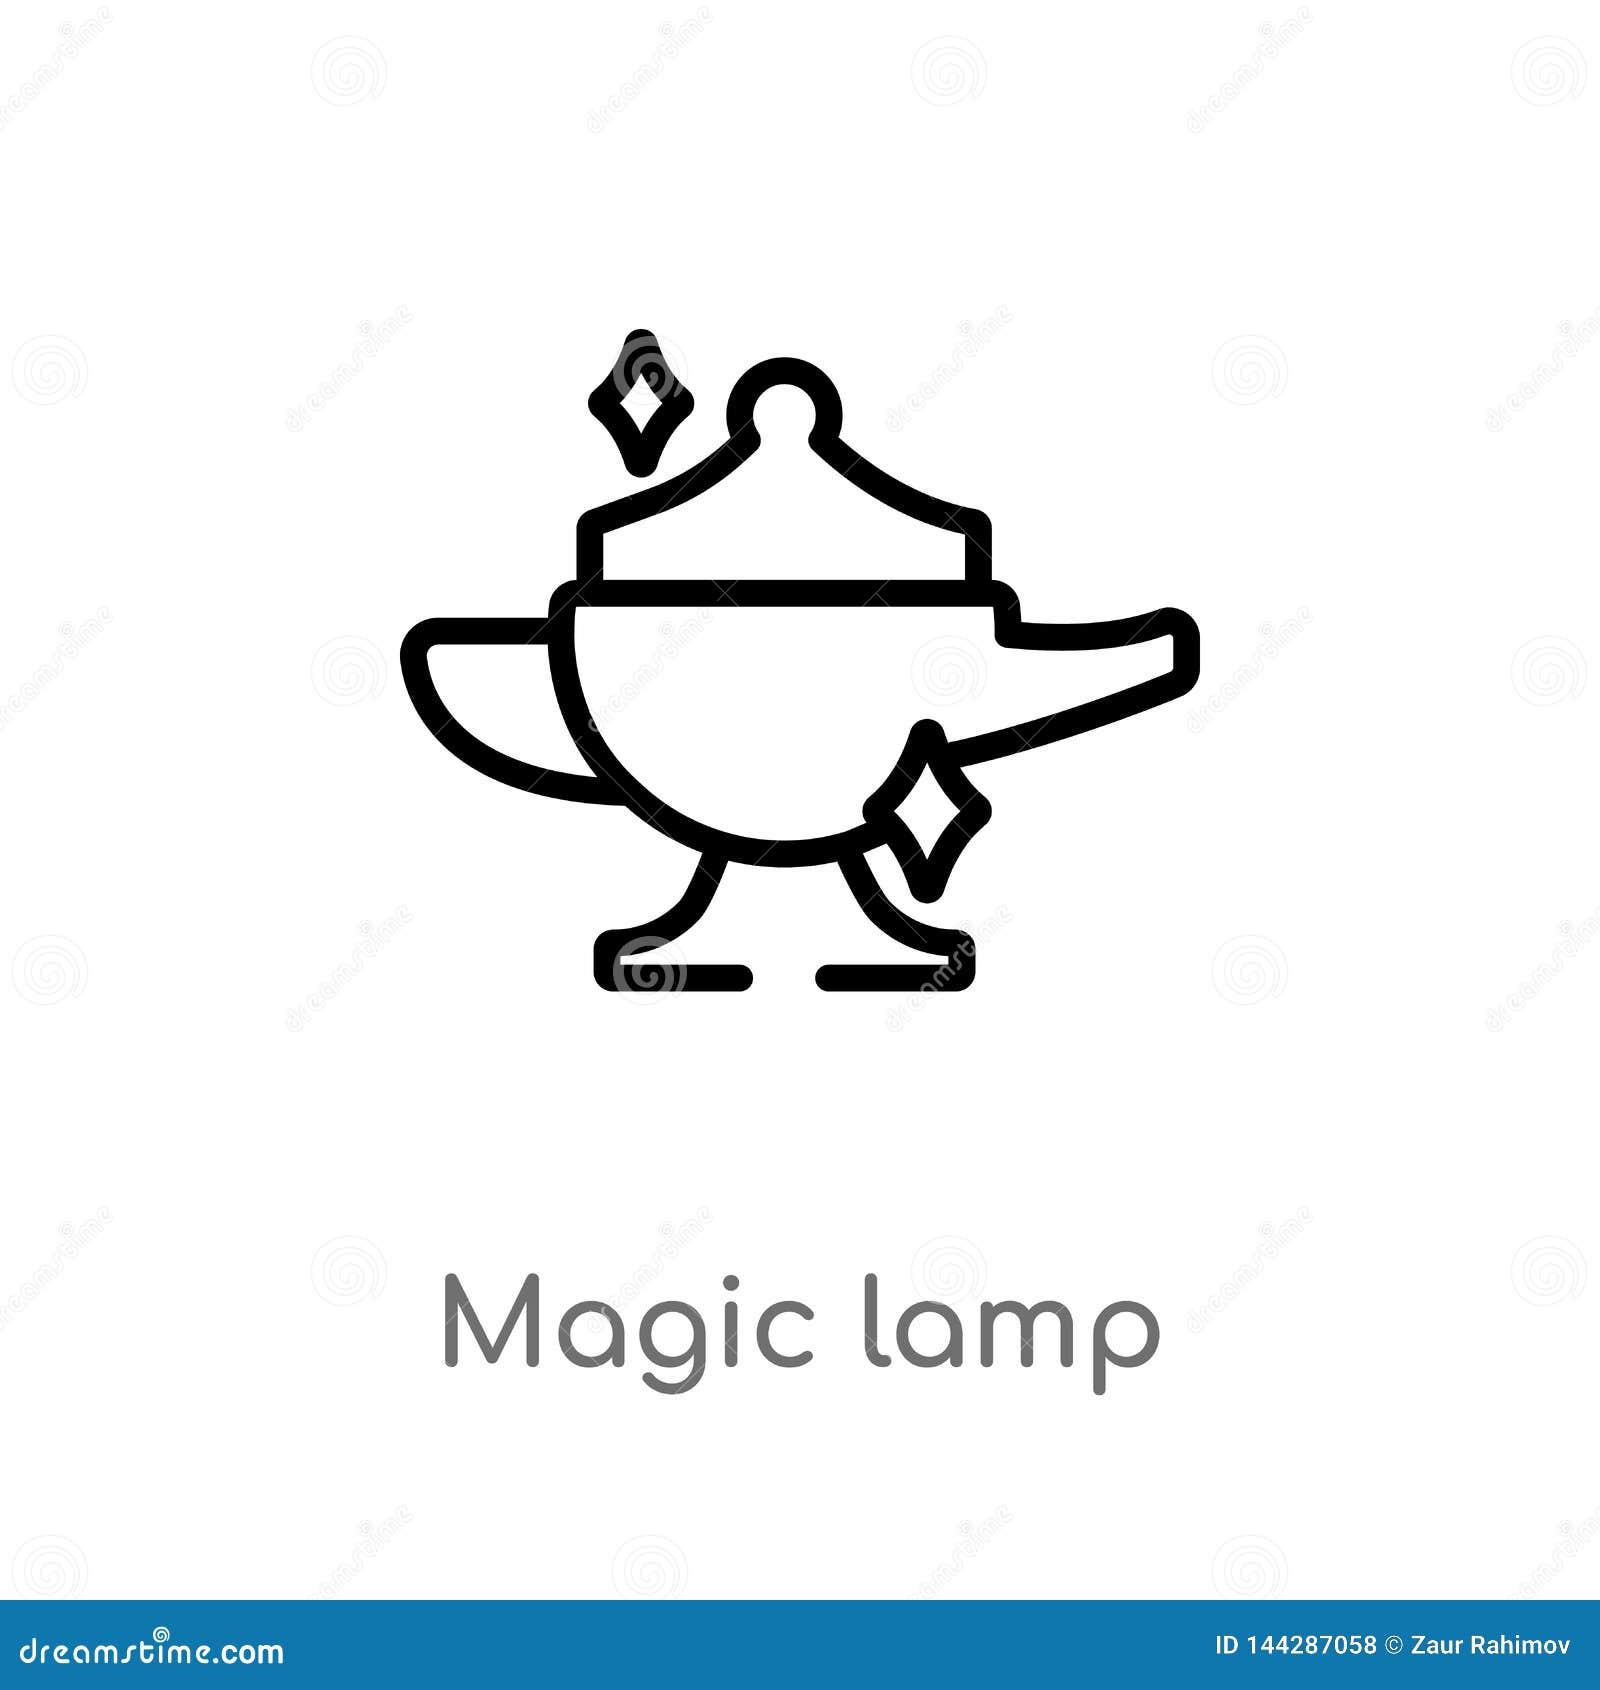 διανυσματικό εικονίδιο λαμπτήρων περιλήψεων μαγικό απομονωμένη μαύρη απλή απεικόνιση στοιχείων γραμμών από τη μαγική έννοια edita